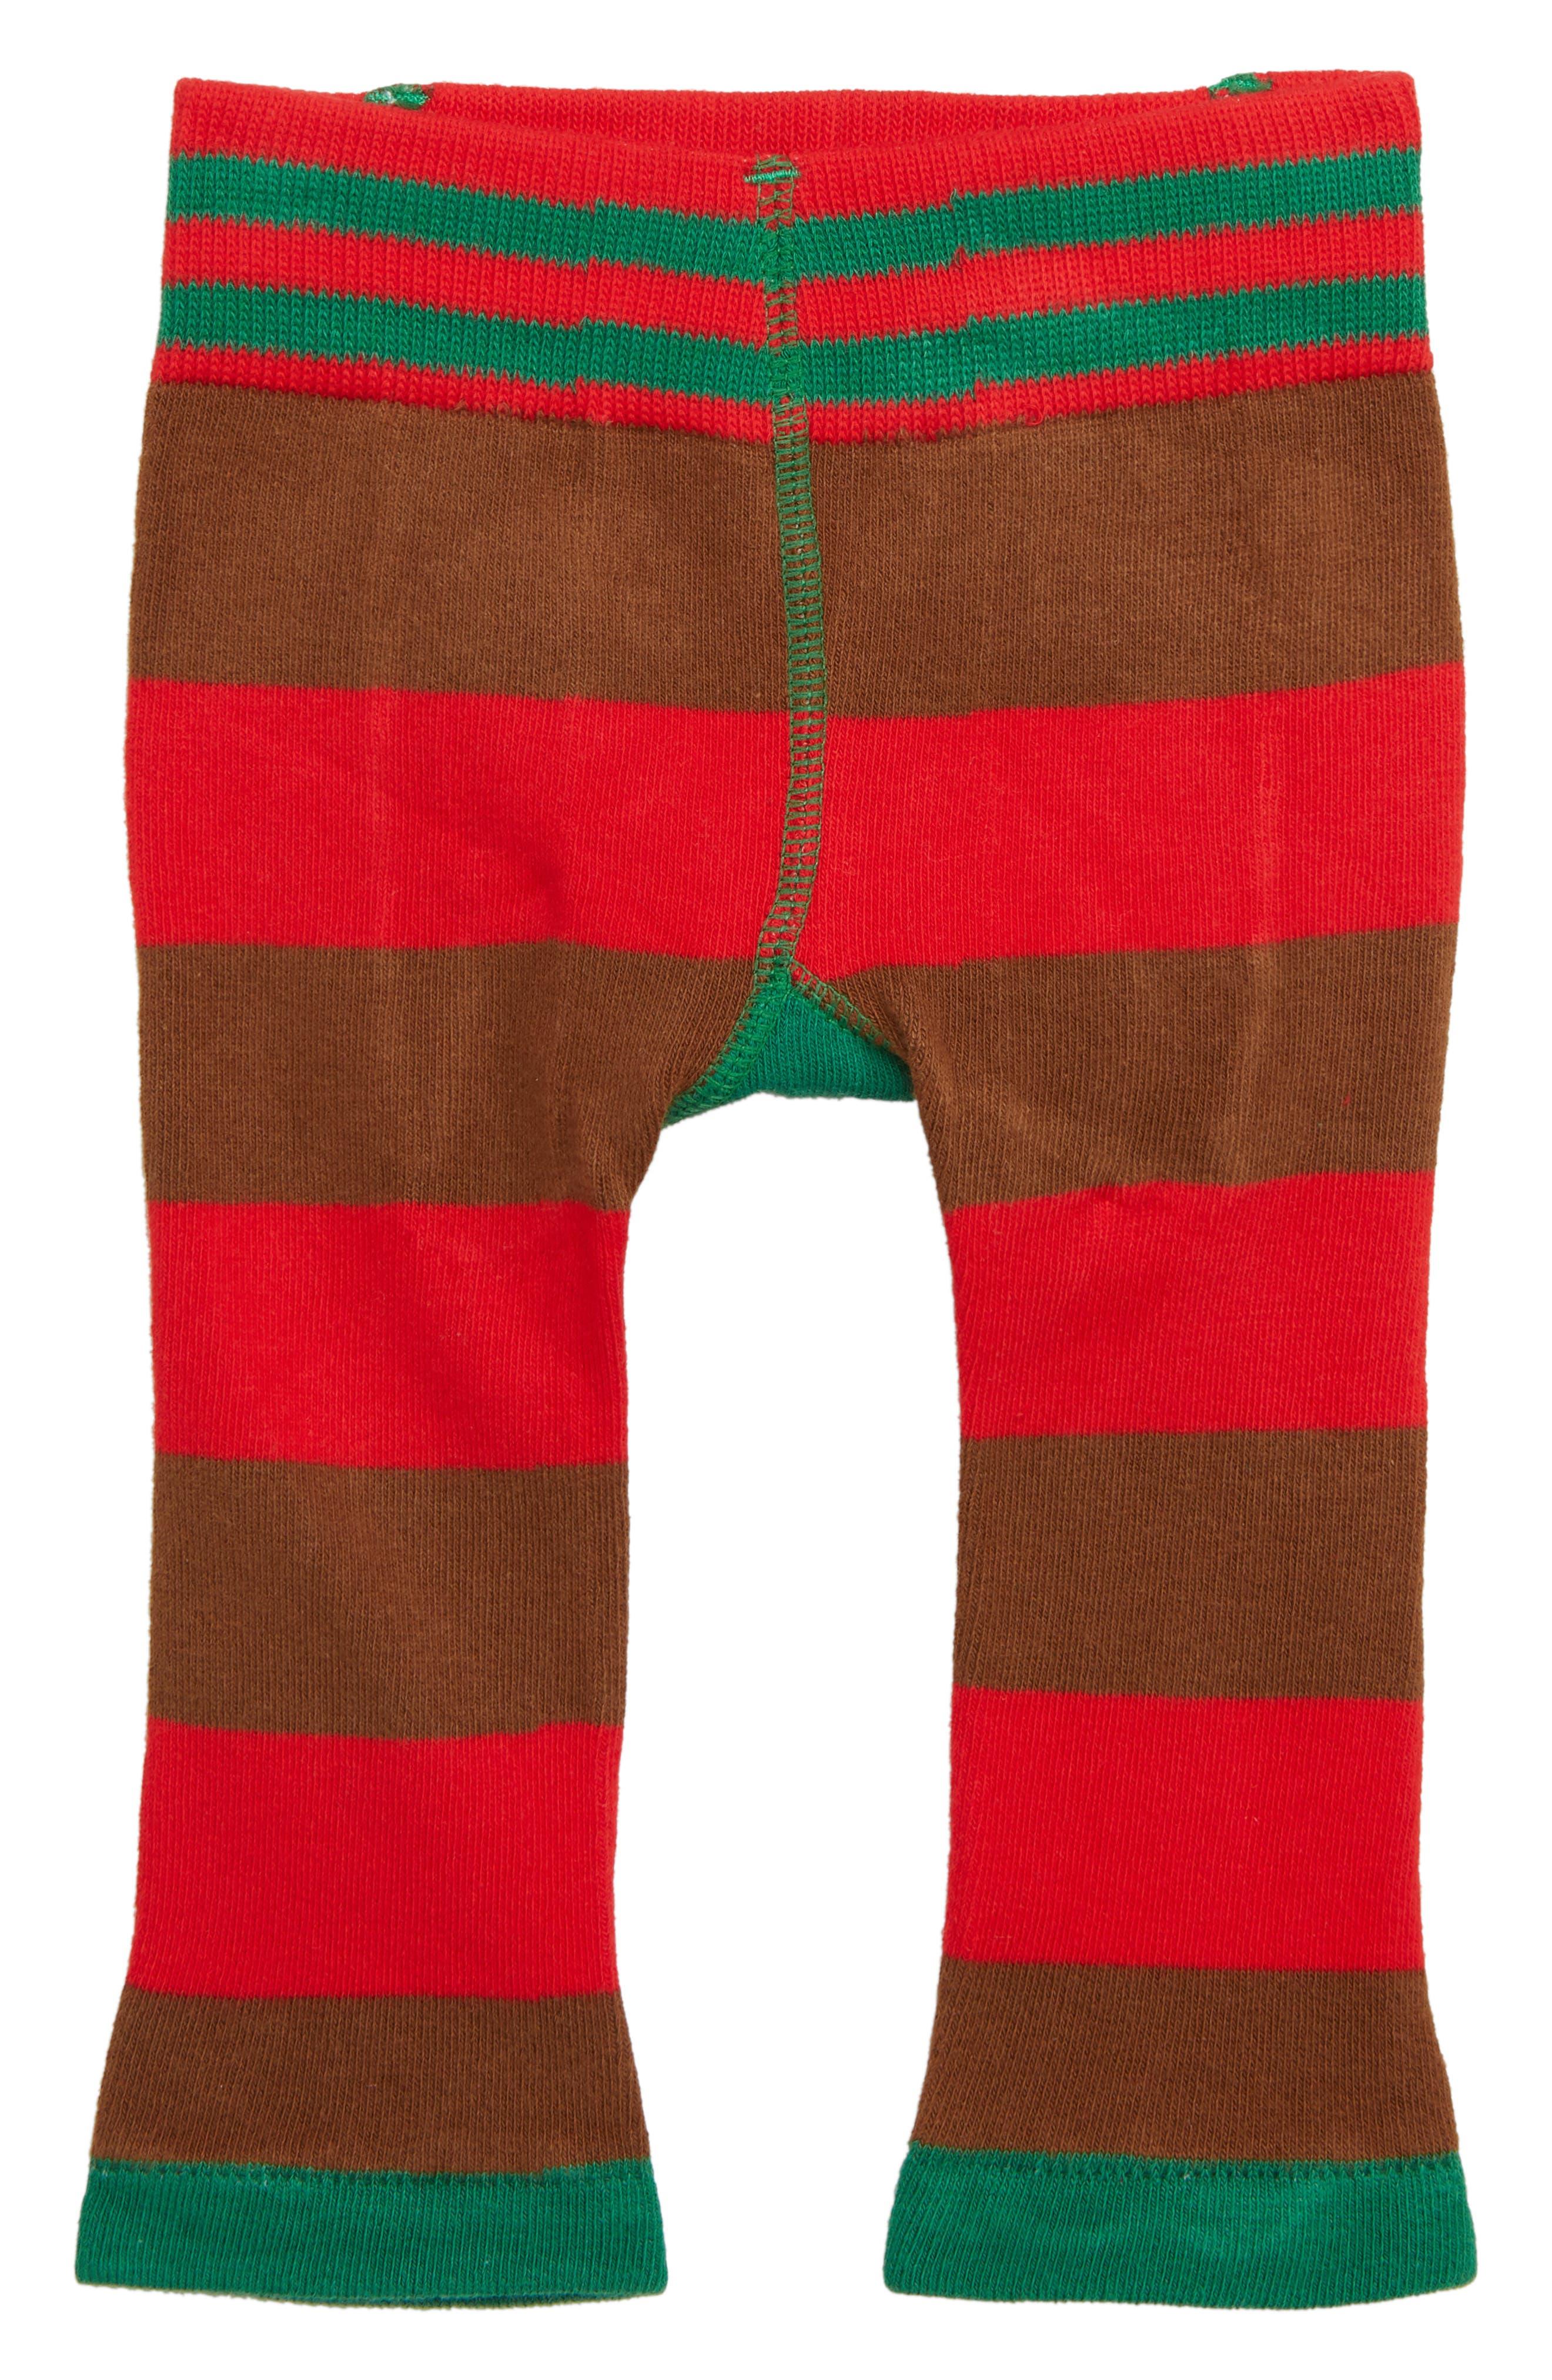 Santa Leggings,                         Main,                         color, RED/ GREEN/ DEEP RED